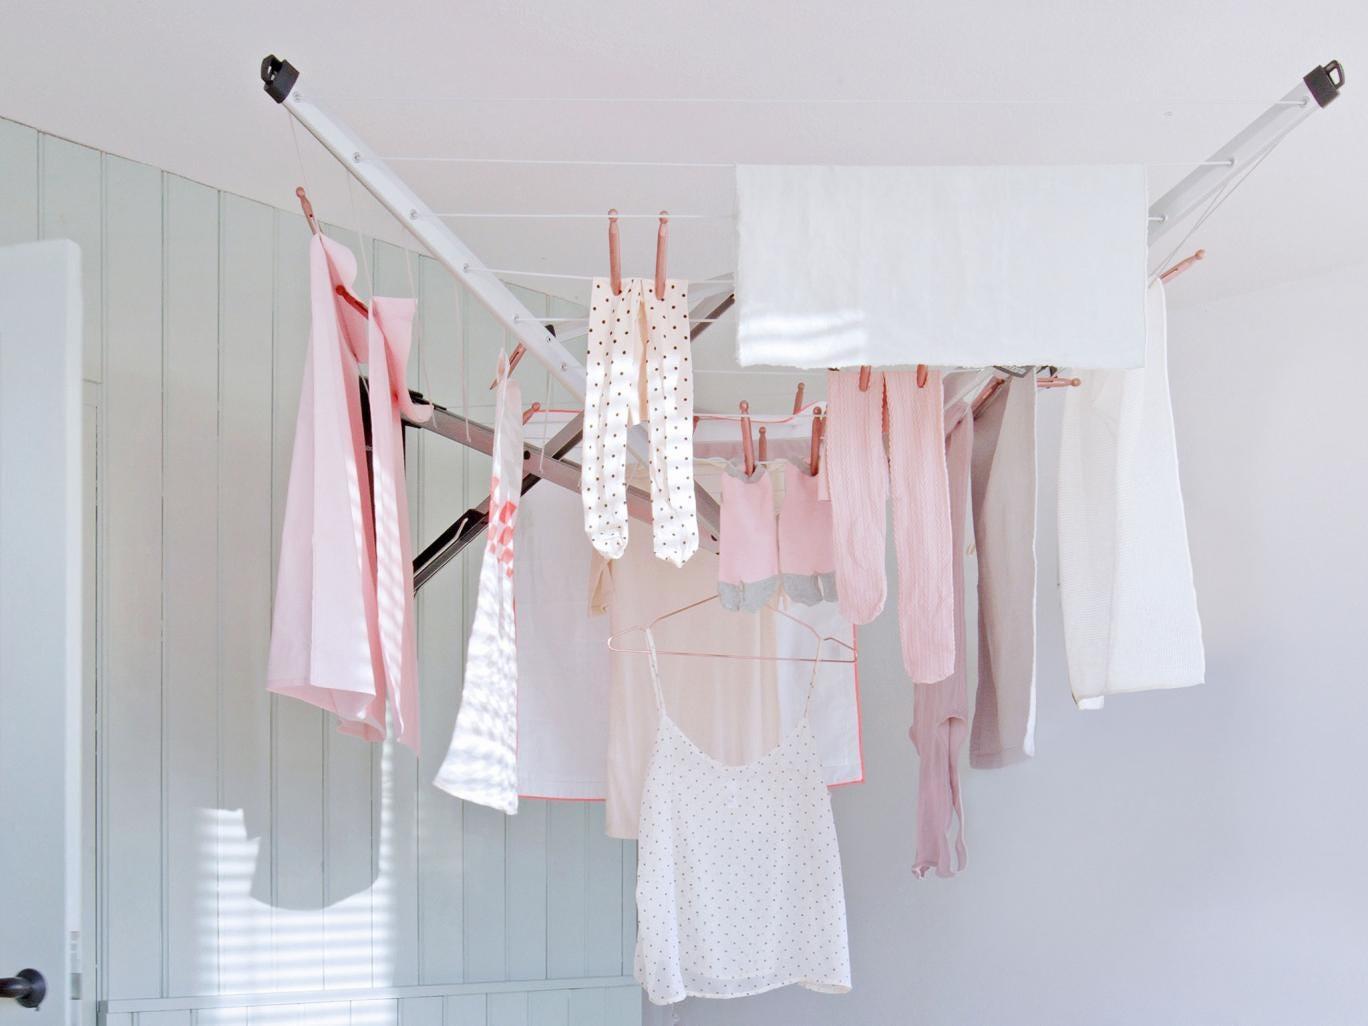 10 best indoor laundry solutions